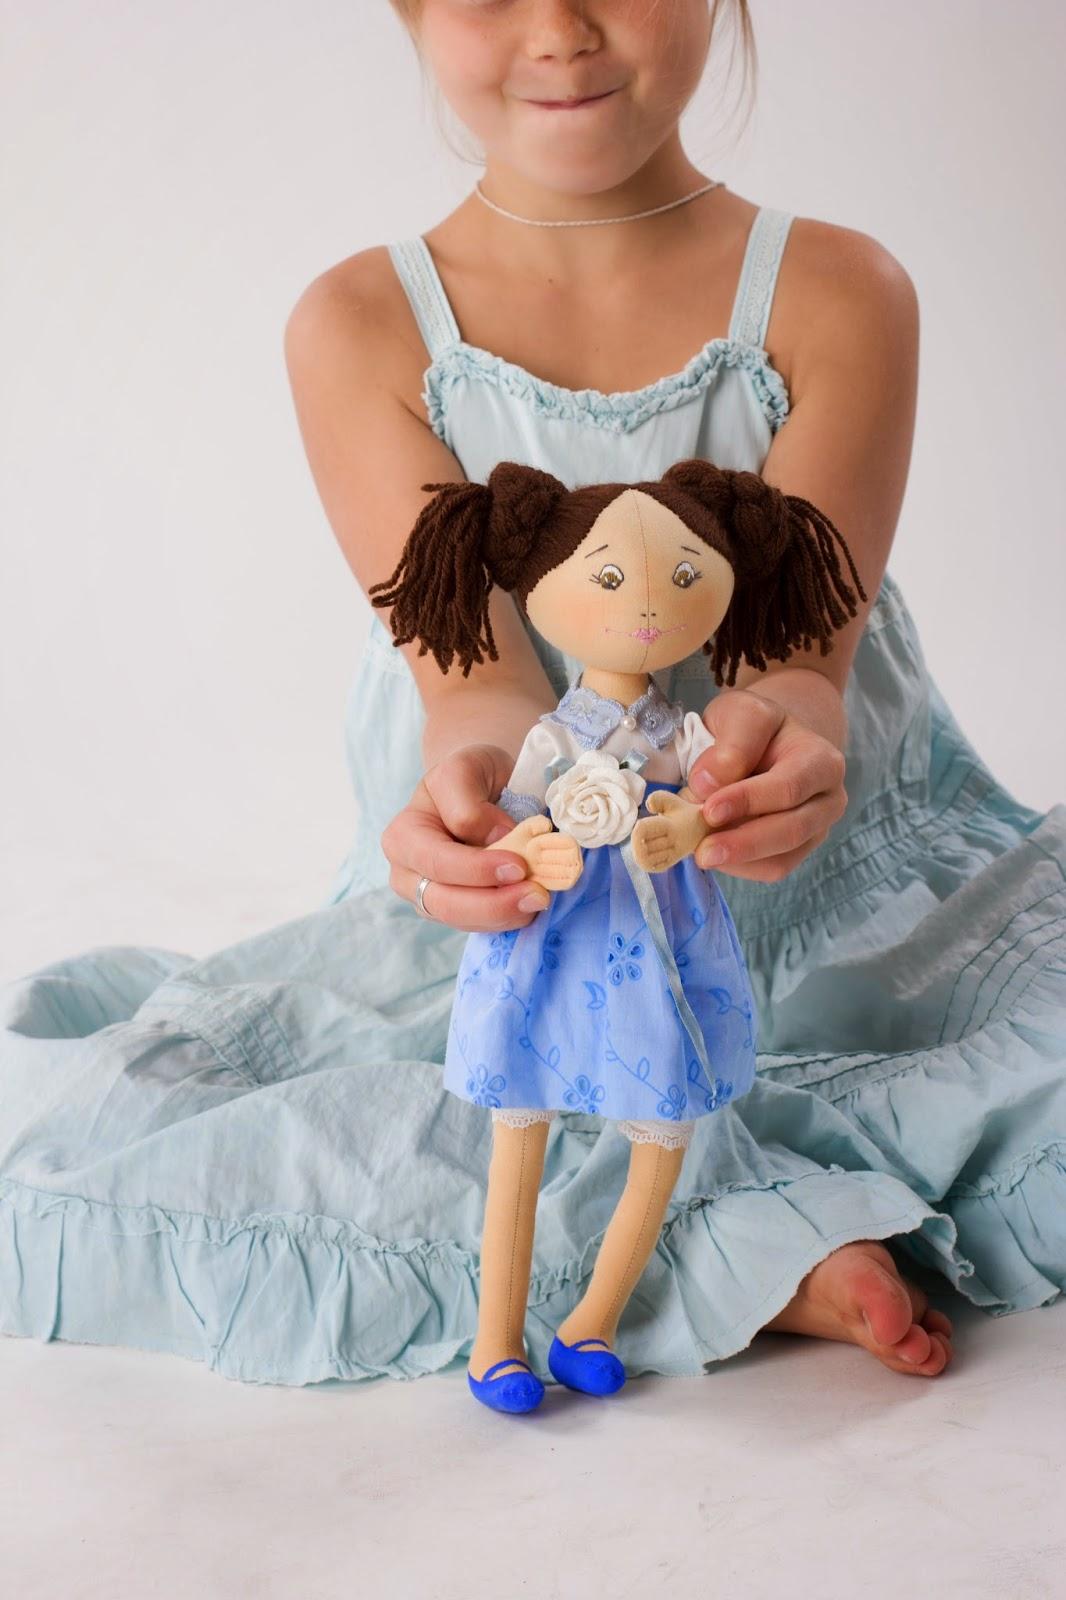 детская игрушка, кукла для девочки, подарок девочке